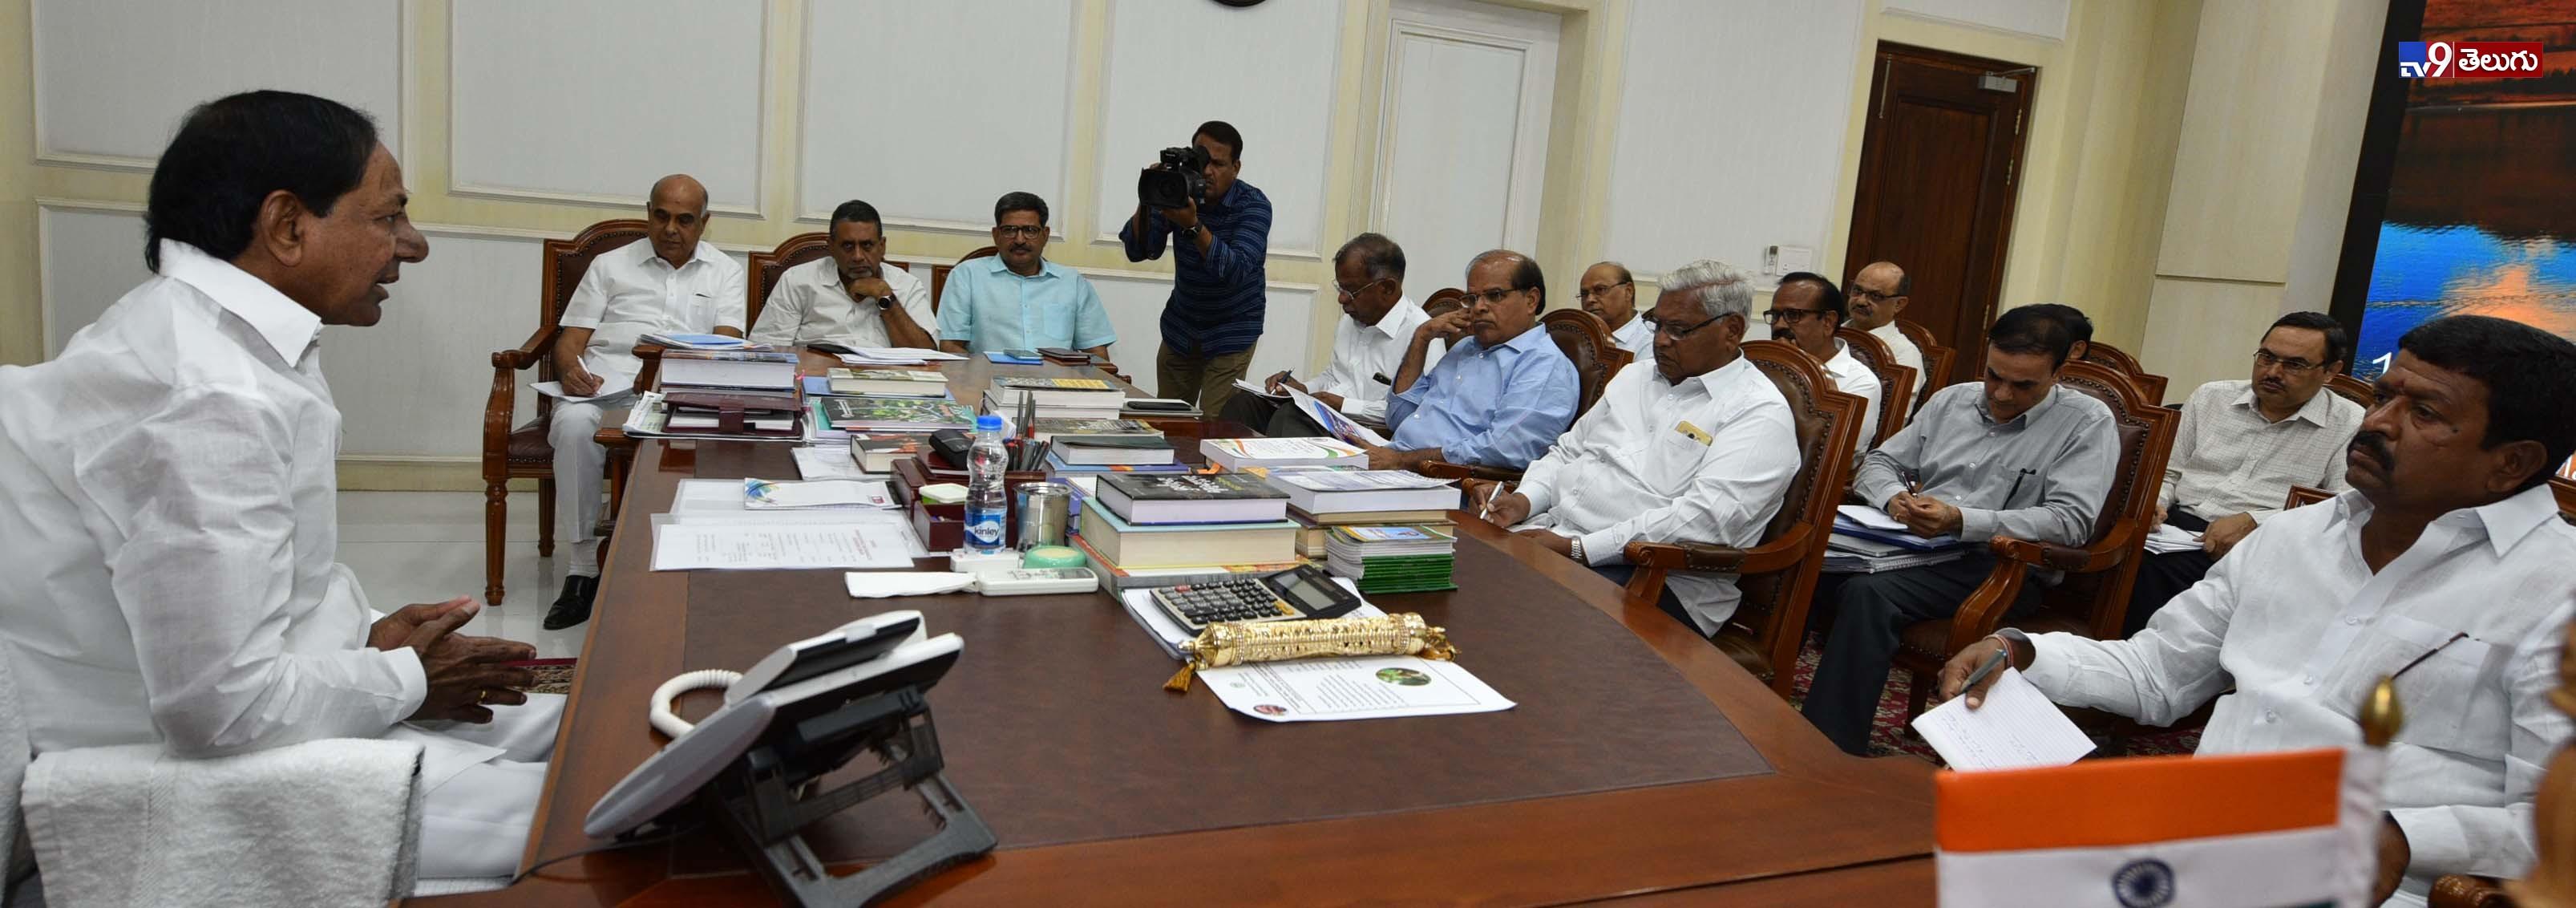 KCR about Kaleswaram Project, ముఖ్యమంత్రి కేసీఆర్ కాళేశ్వరం ప్రాజెక్టులో అవసరమయ్యే విద్యుత్ సరఫరా చేసే అంశంపై సమీక్షా సమావేశం   ఫొటోస్